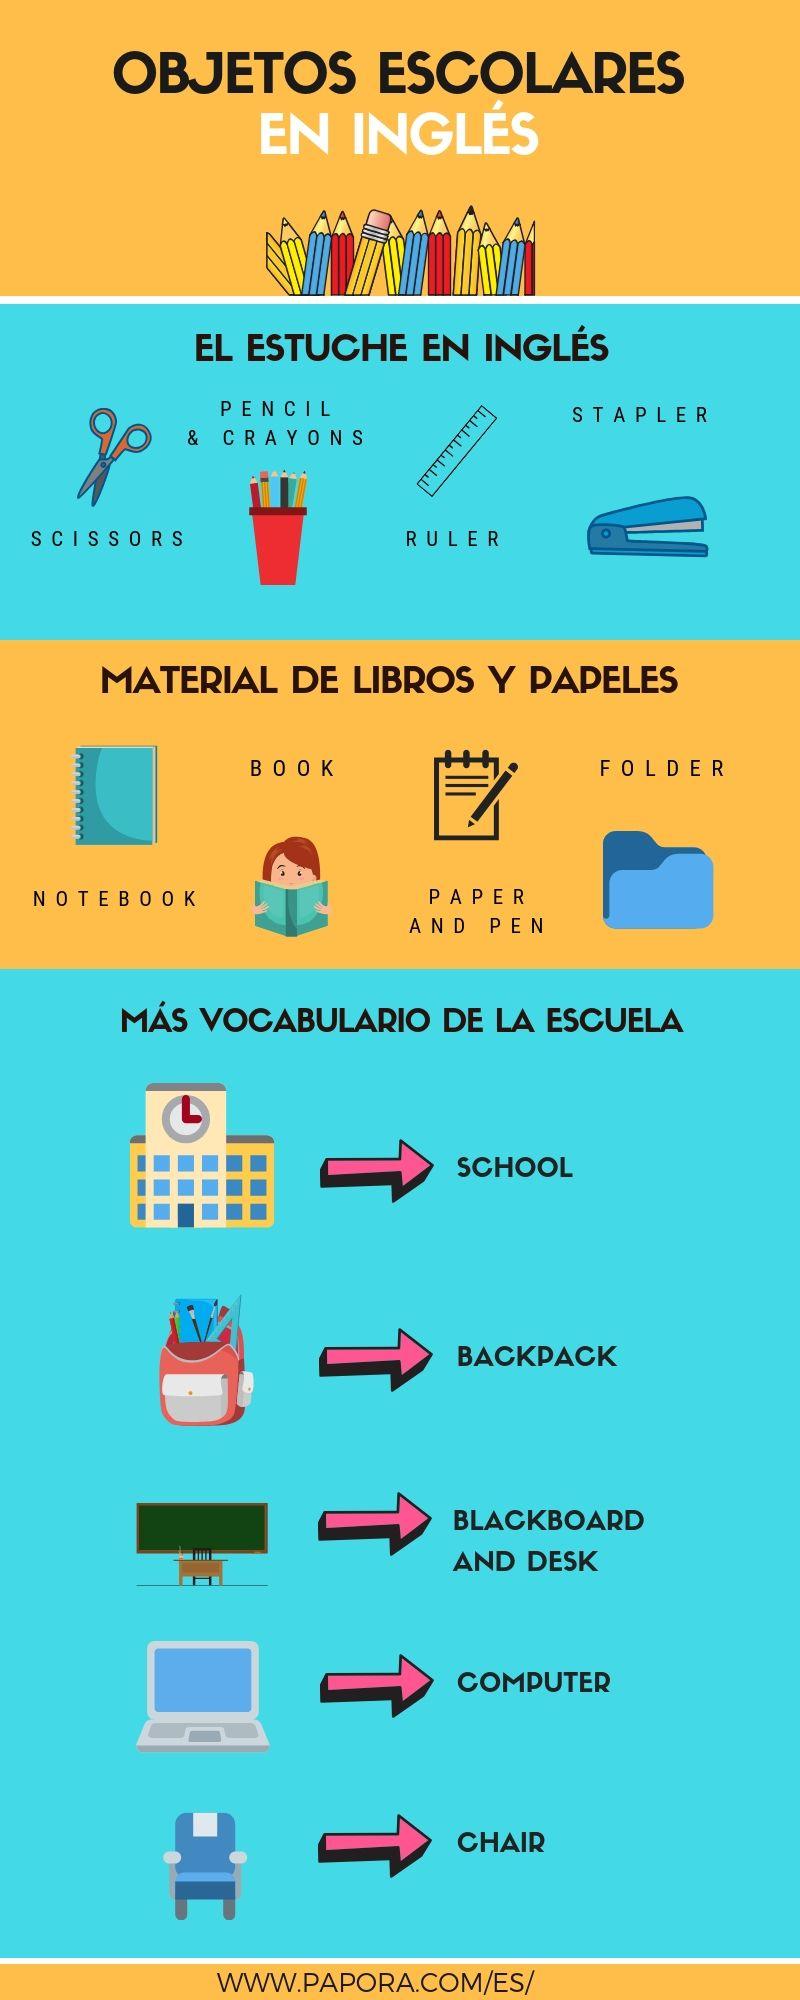 INFOGRAFIA-utiles-escolares-ingles